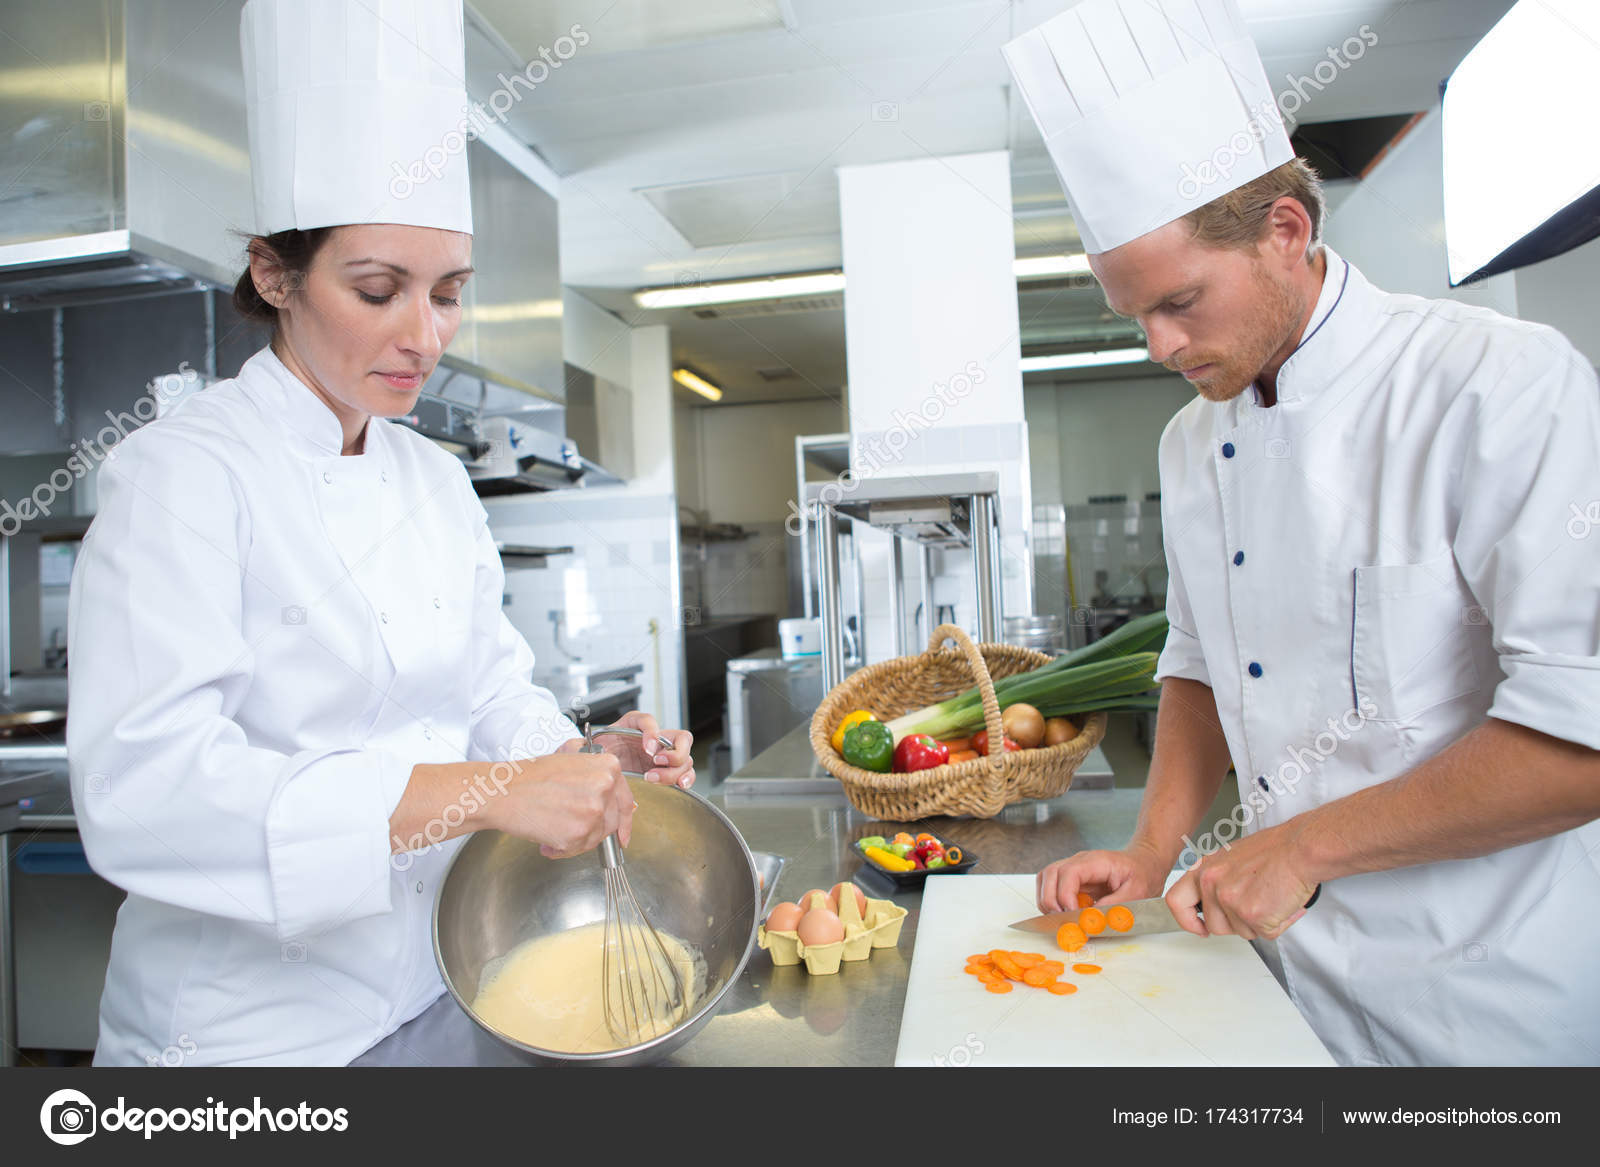 männliche und weibliche Koch arbeitet in Küche — Stockfoto ...